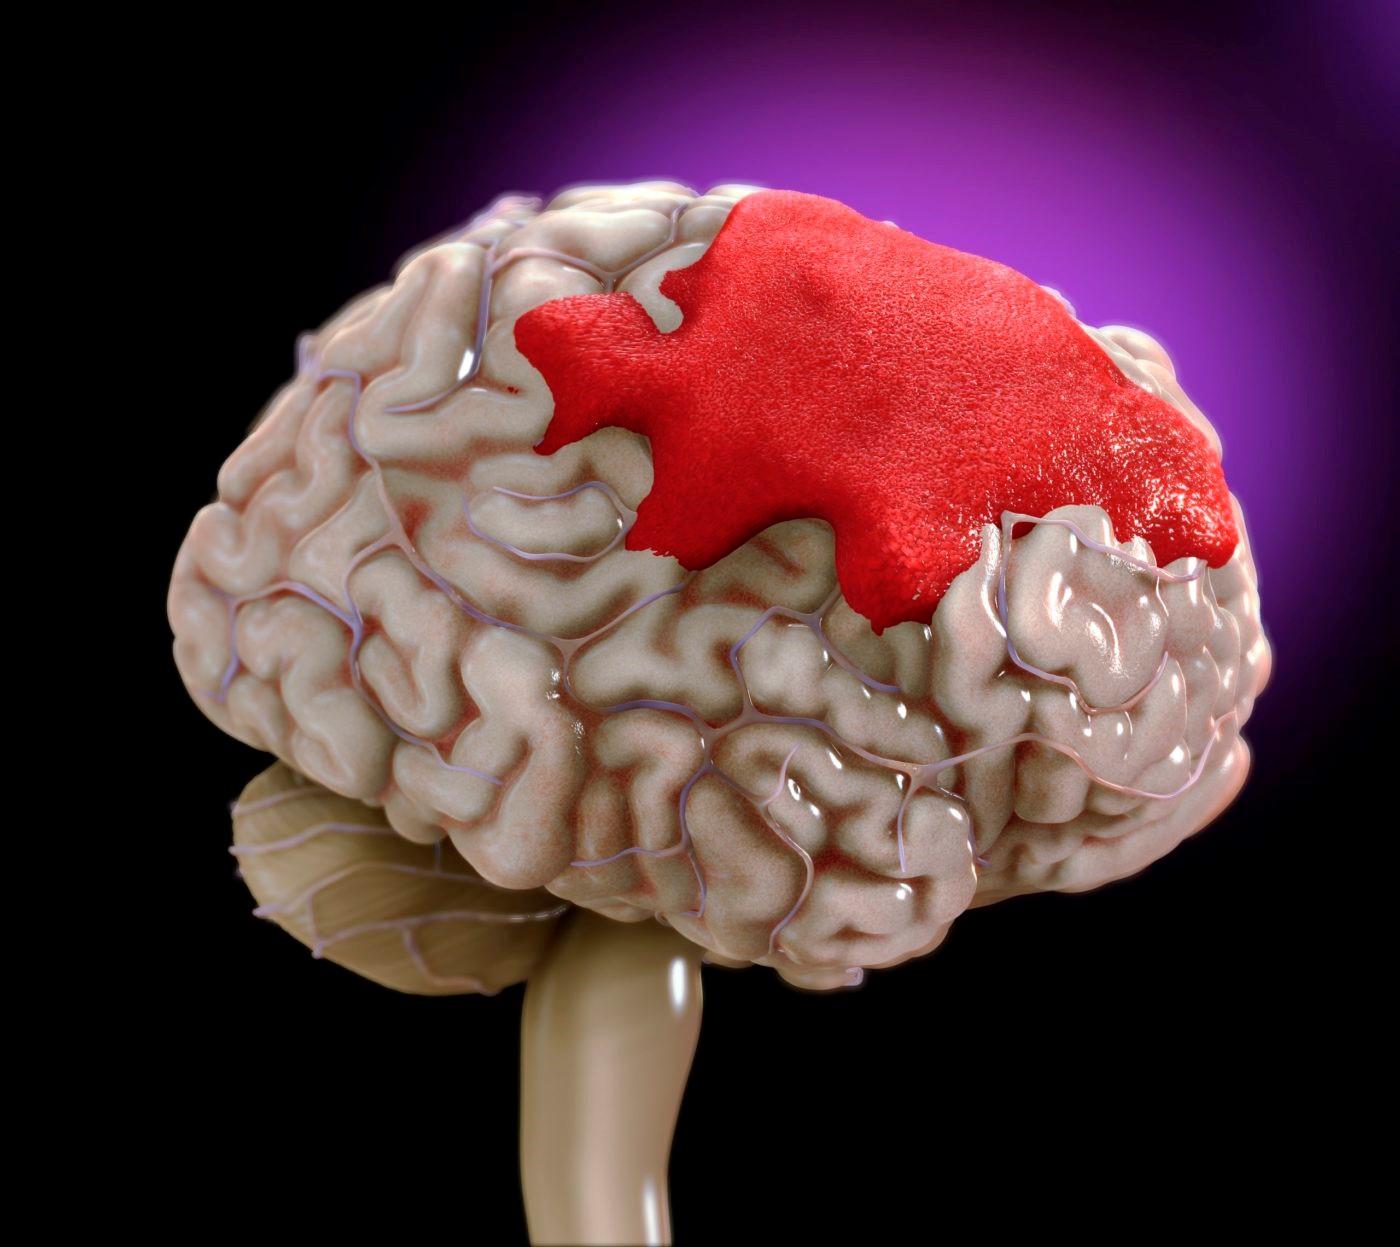 خطر ابتلا به سکته مغزی با فشارخون بالا